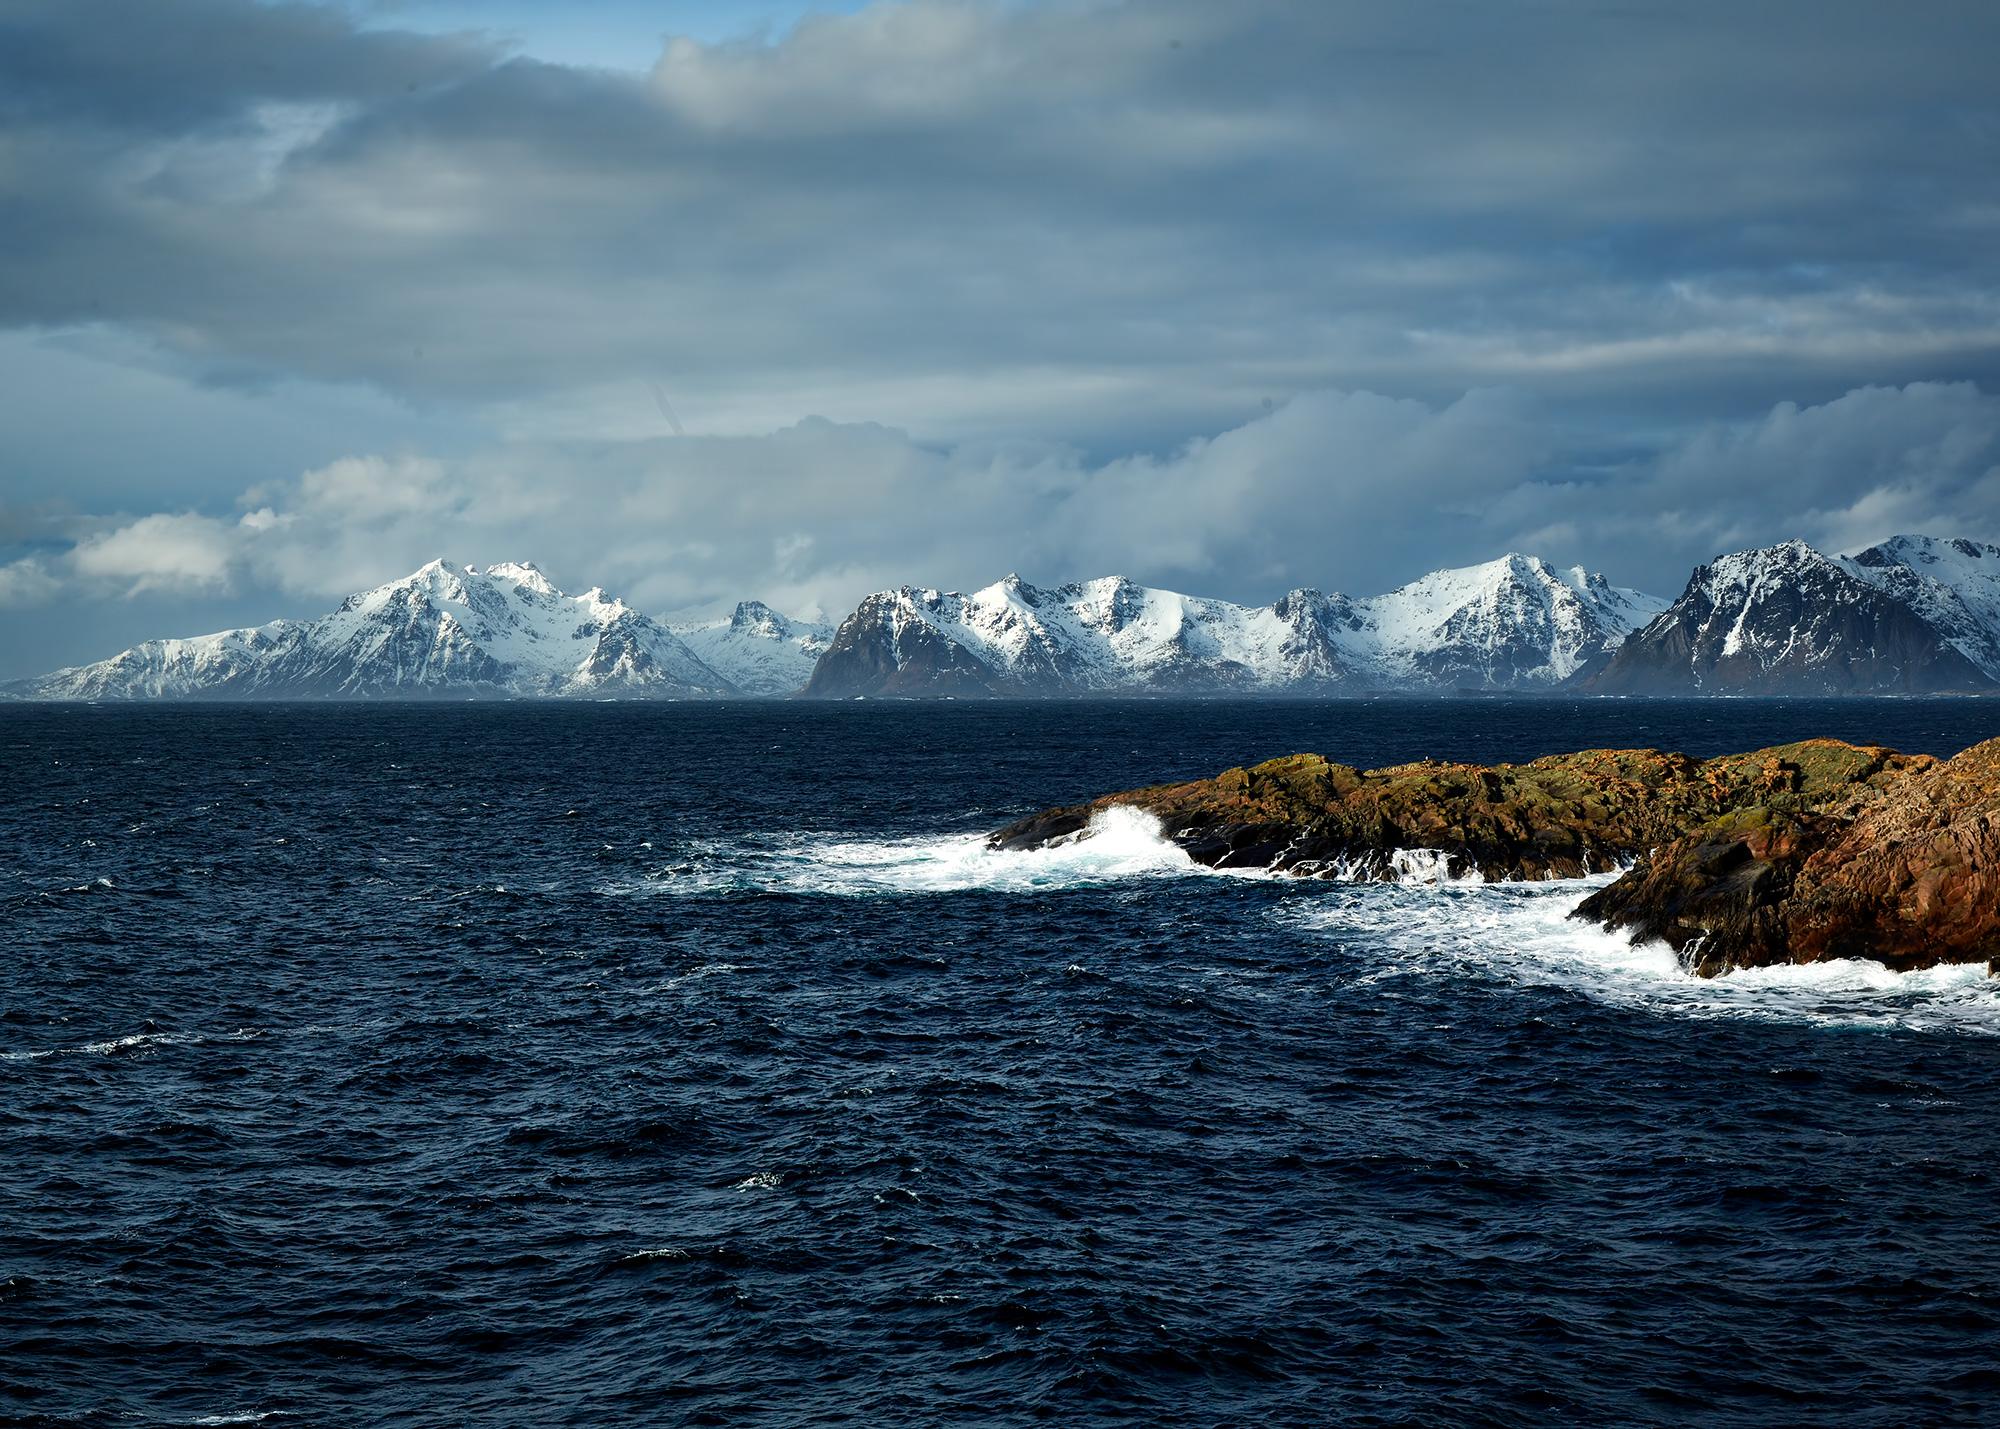 Winter Trekking on Lofoten Islands | In Search of Silence - Work by ...